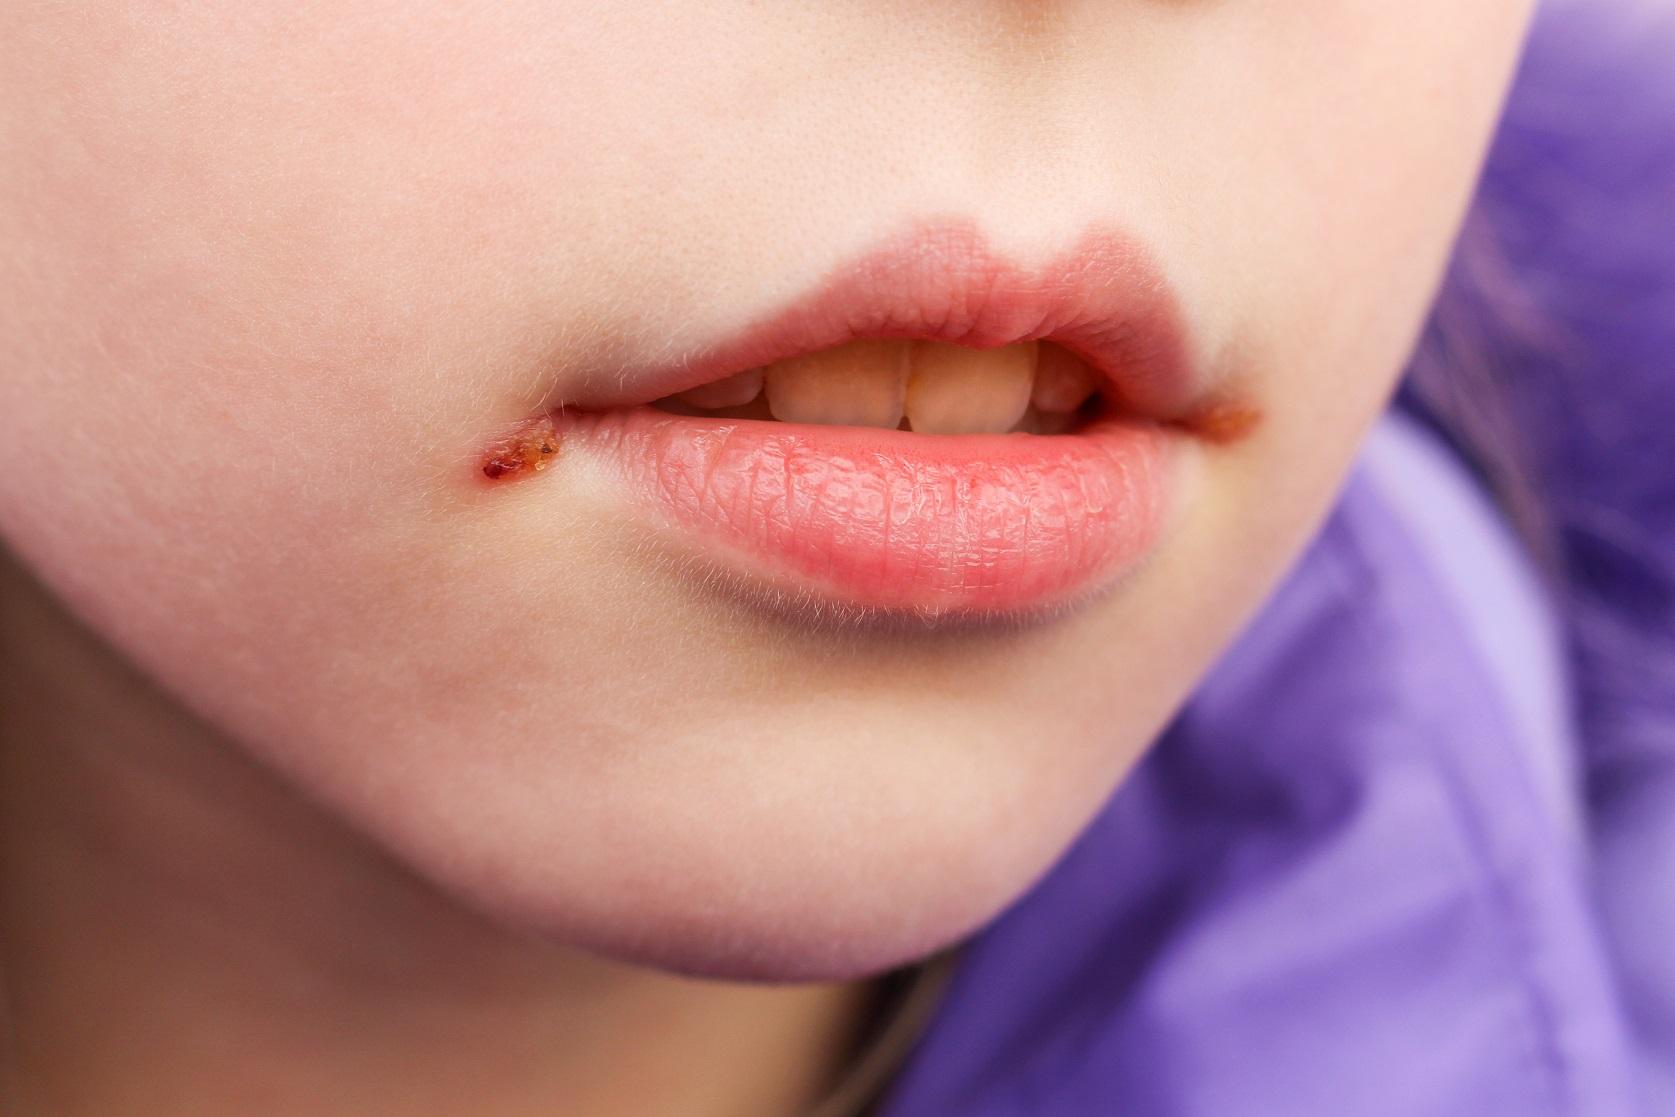 Lippe neurodermitis Lippenbeschwerden